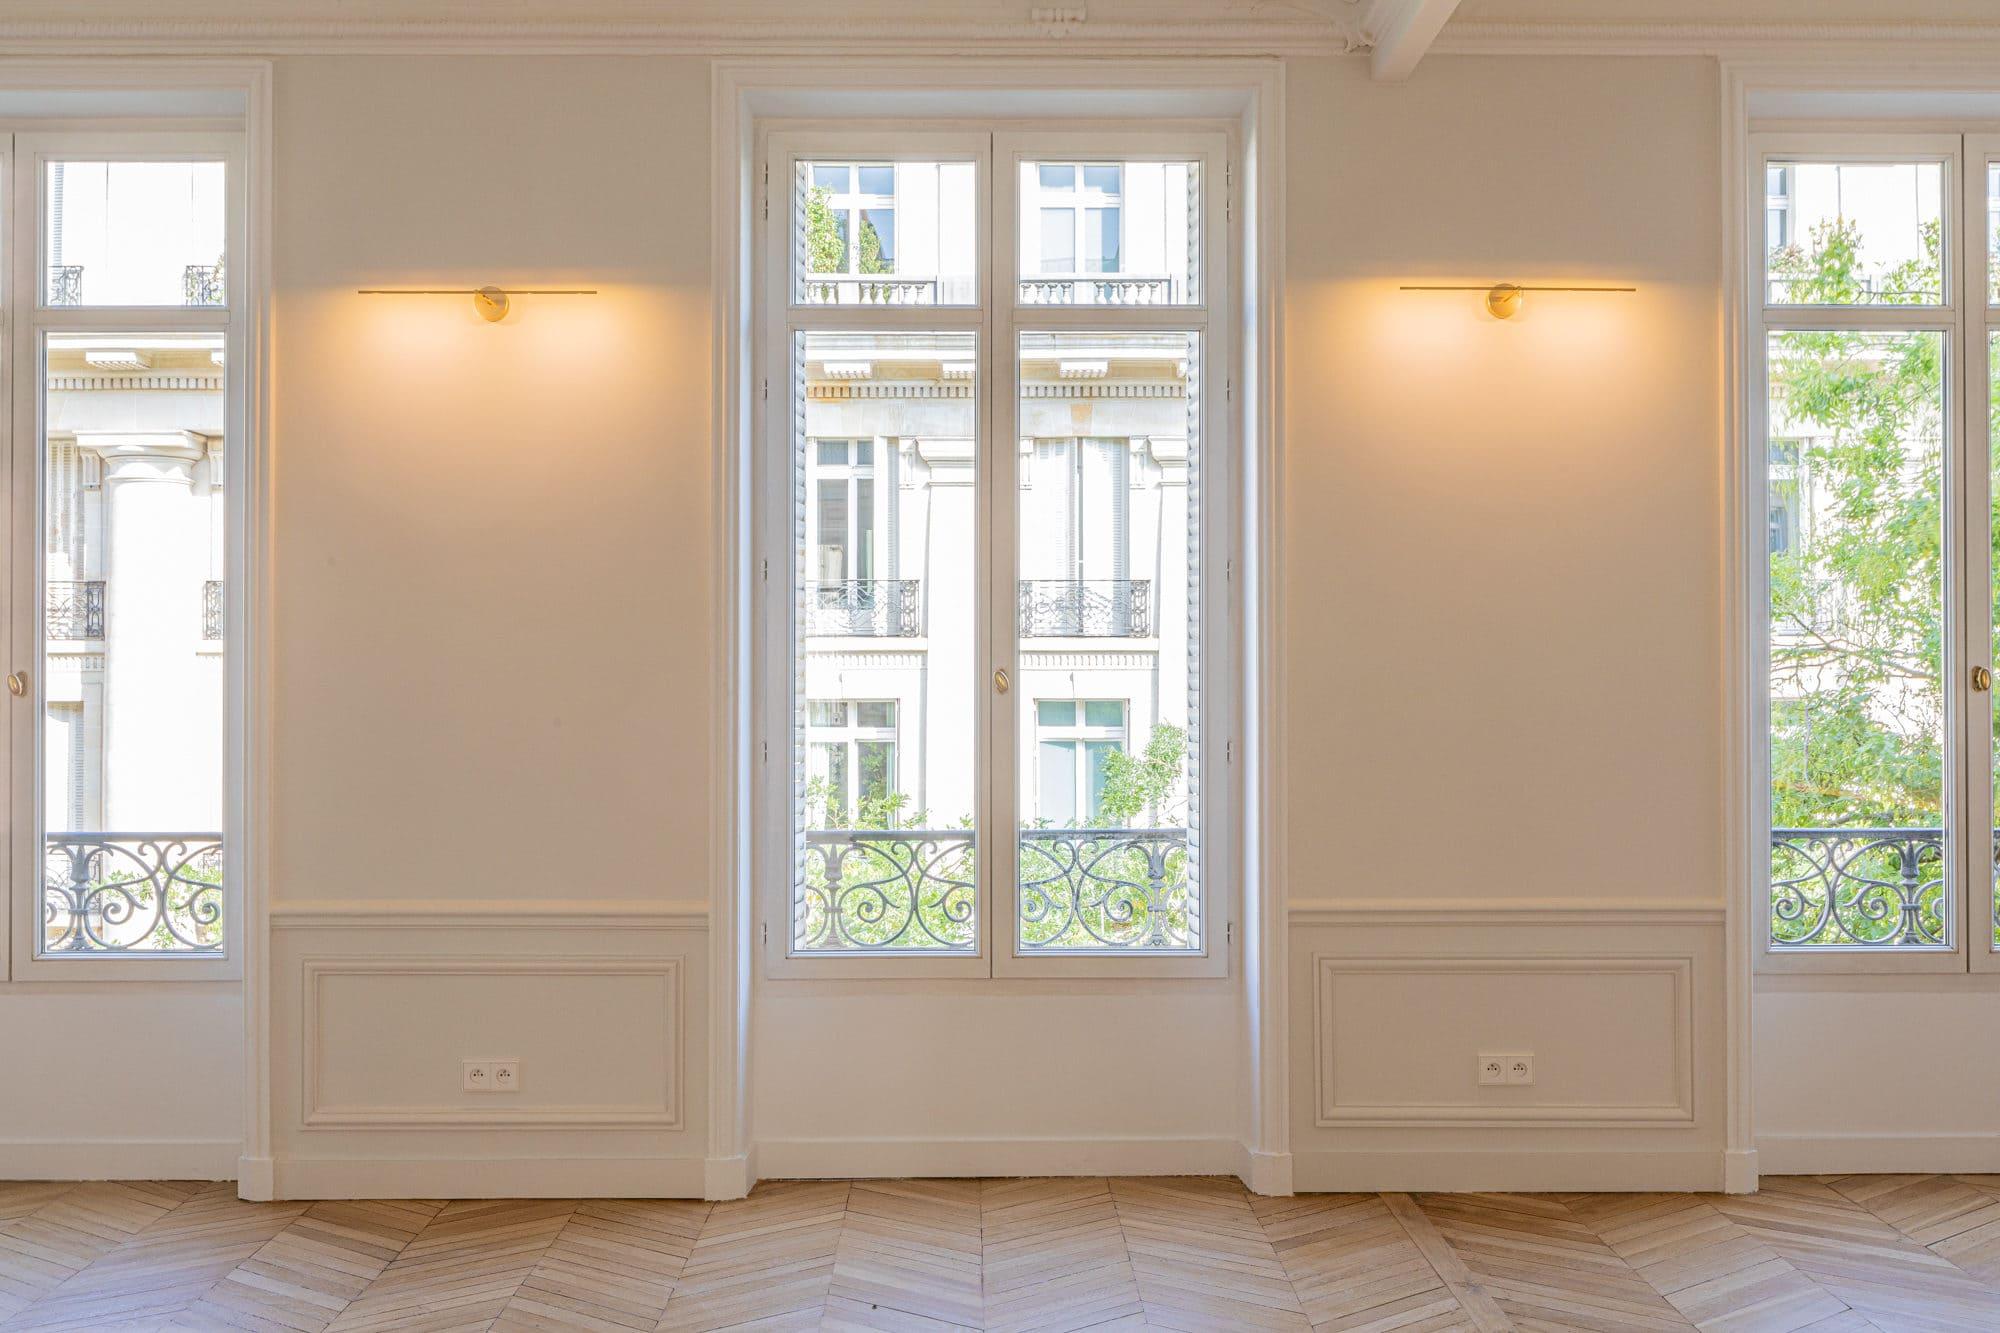 Light design pour le salon d'un bel appartement parisien